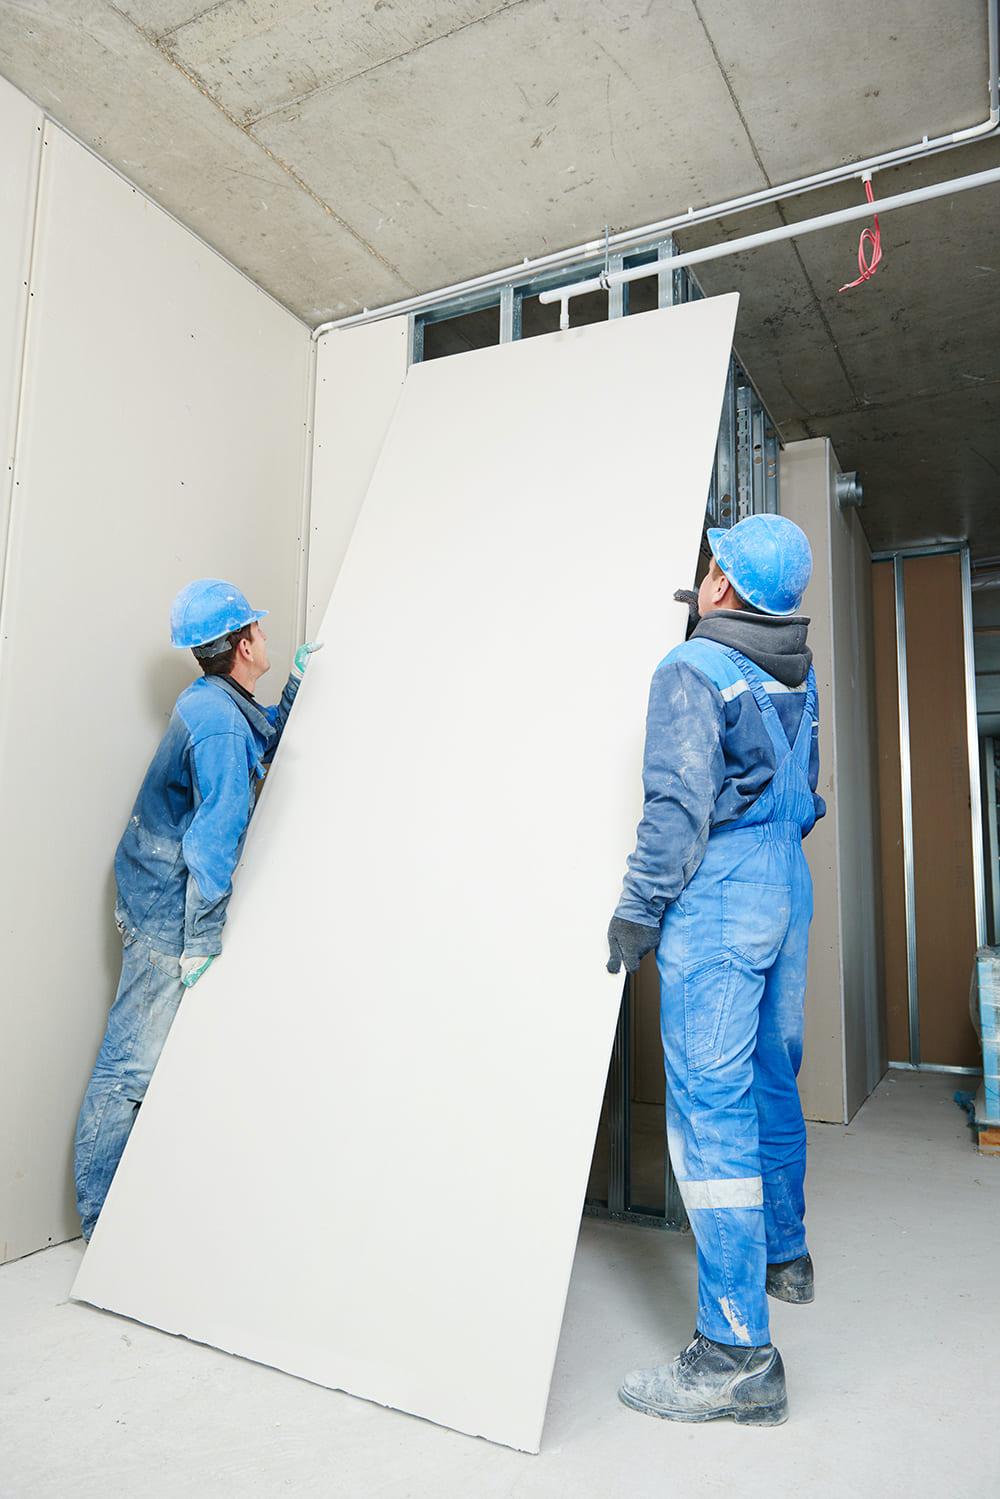 Vous pouvez utiliser des plaques de plâtre dans n'importe quelle pièce, quelles que soient sa taille et sa destination.